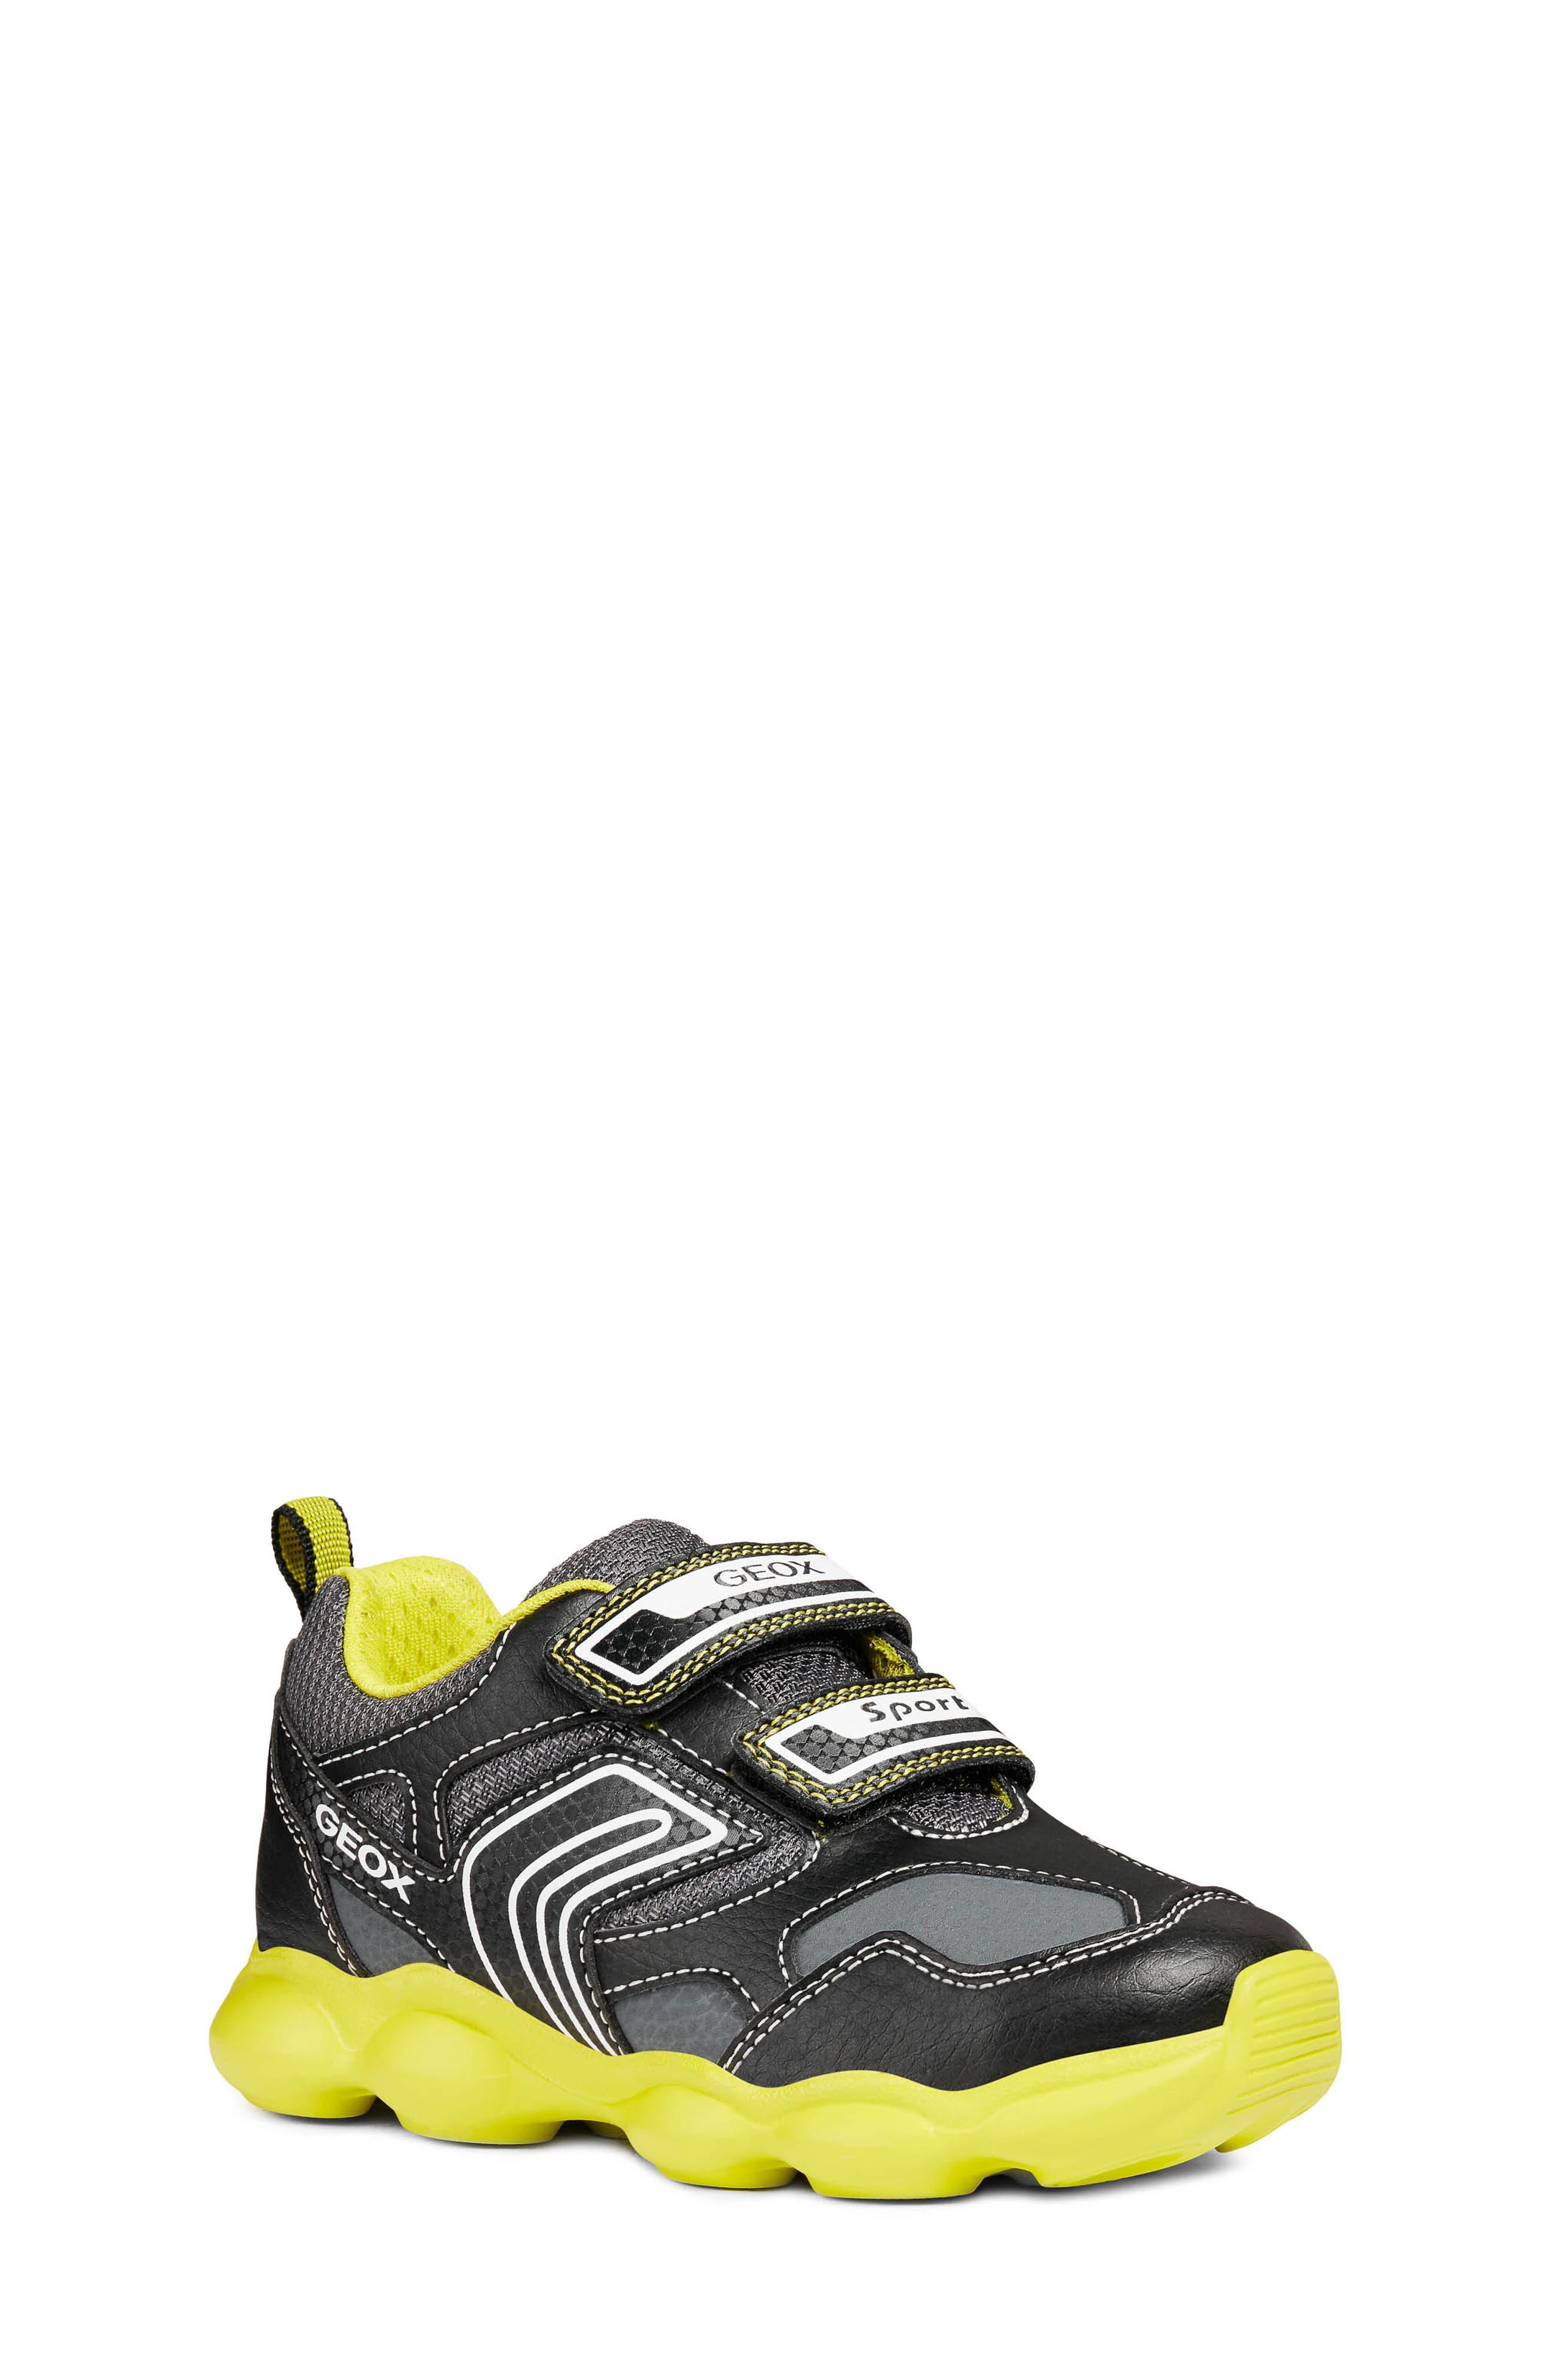 GEOX Munfrey Waterproof Sneaker, Main, color, BLACK/ LIME